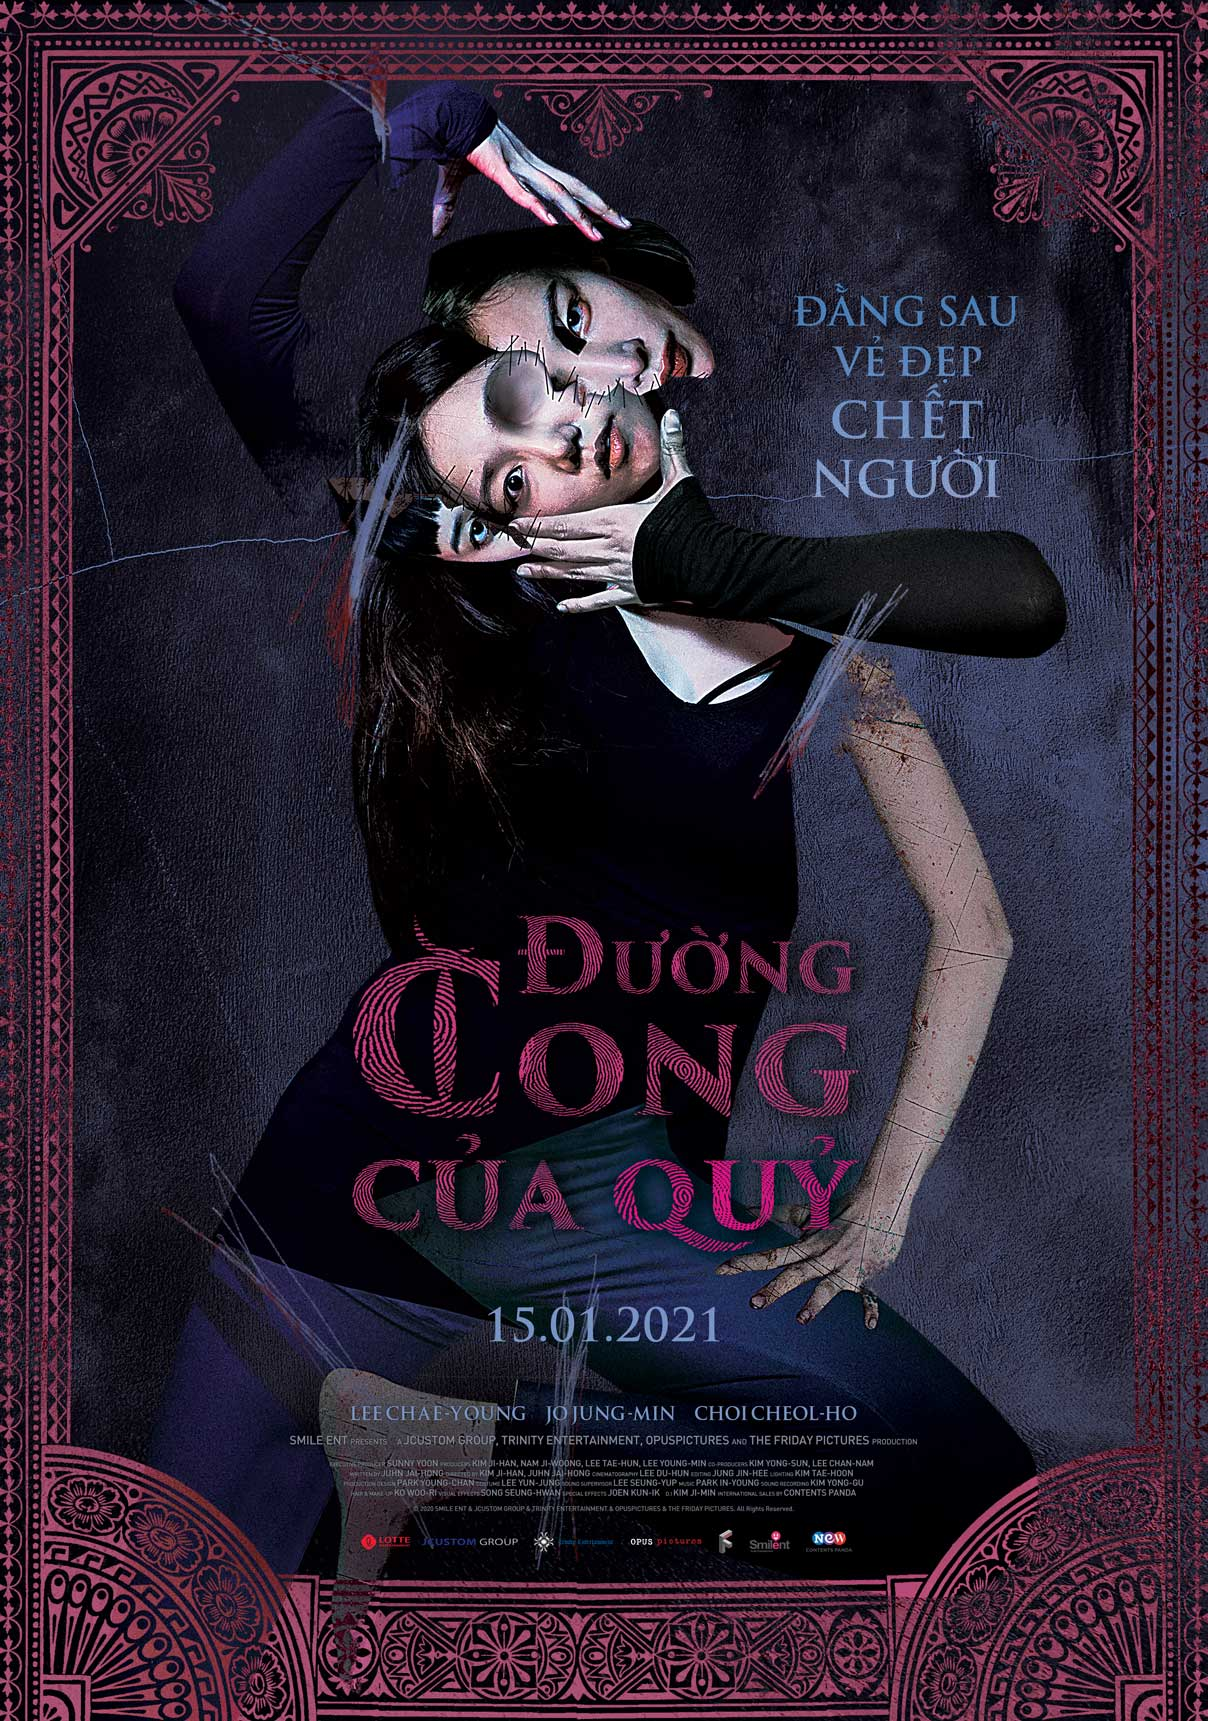 ĐƯỜNG CONG CỦA QUỶ - THE CURSED LESSON [NC18]